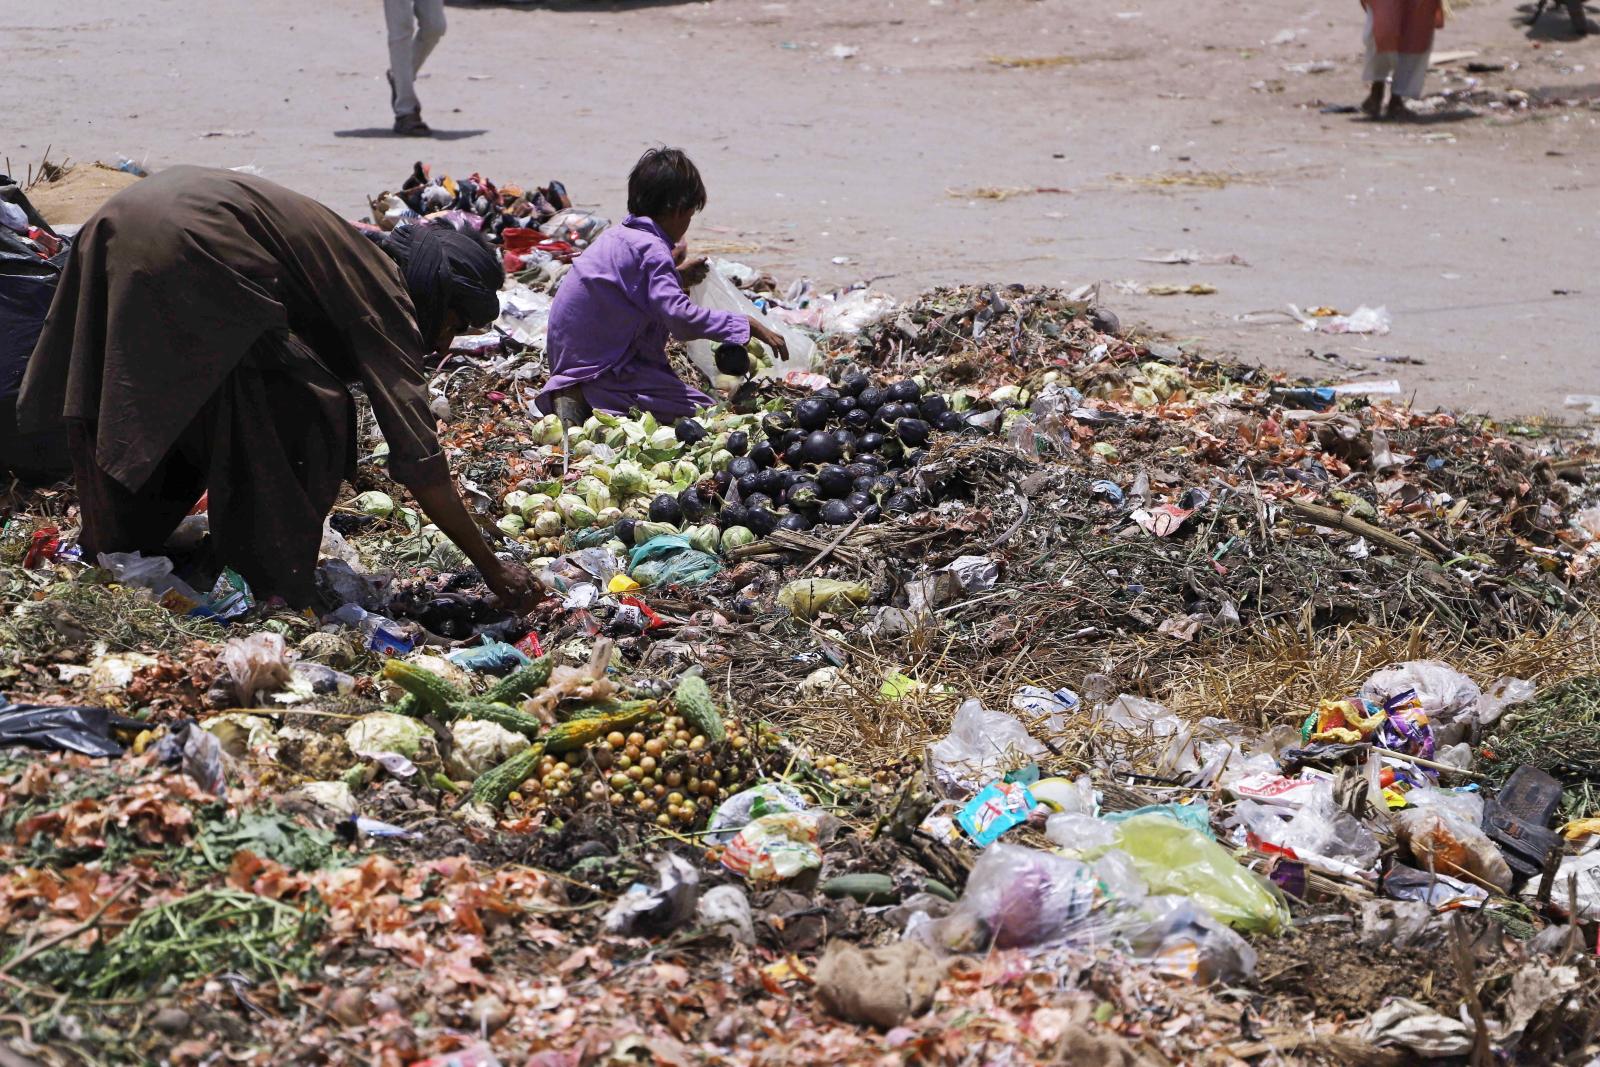 Zanieczyszczenie środowiska w Pakistanie osiąga przerażającą skalę. fot. EPA/NADEEM KHAWAR